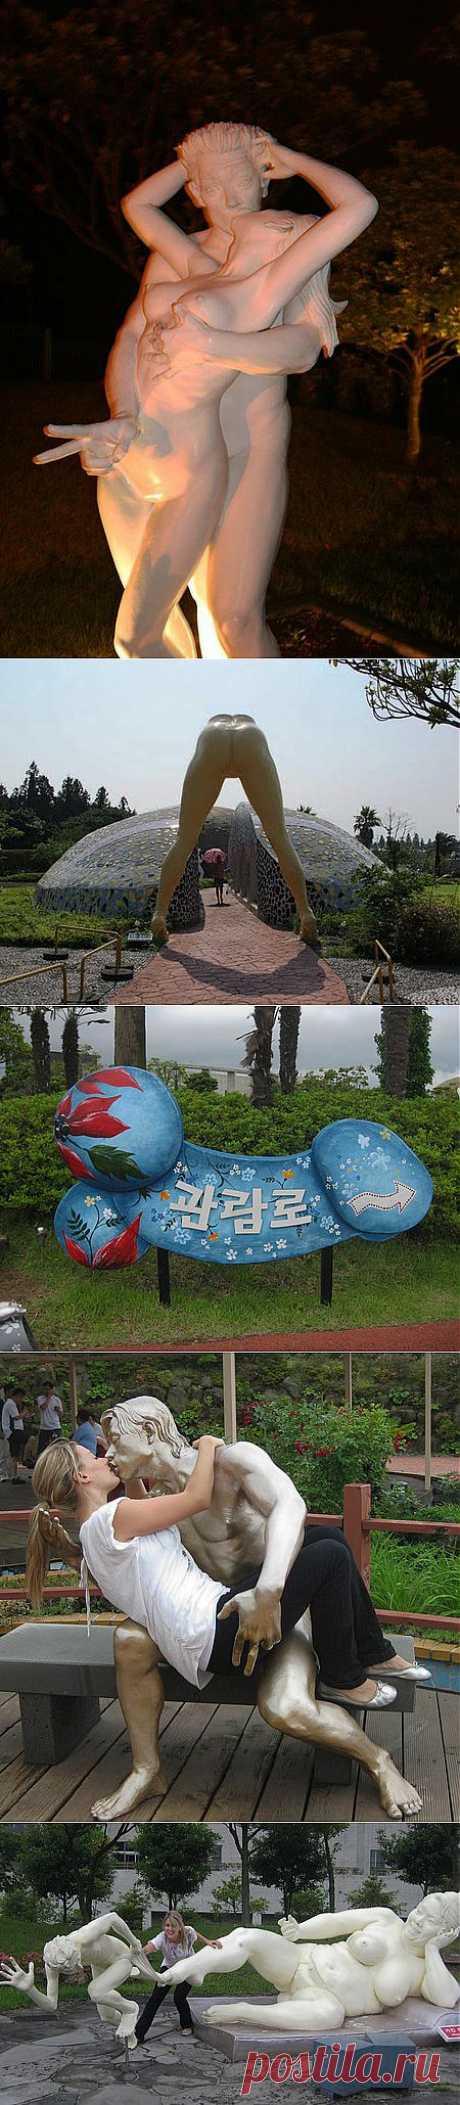 Парк Любви на острове Чеджудо – Камасутра по-корейски Вот от корейцев почему-то этого не ожидала))) Не знаю, почему, но удивилась, когда узнала, что этот парк находится не в Тайланде, к примеру, или в Индии. Называется парк Jeju Loveland, и является он одной из главных достопримечательностей южнокорейского острова Чеджудо.